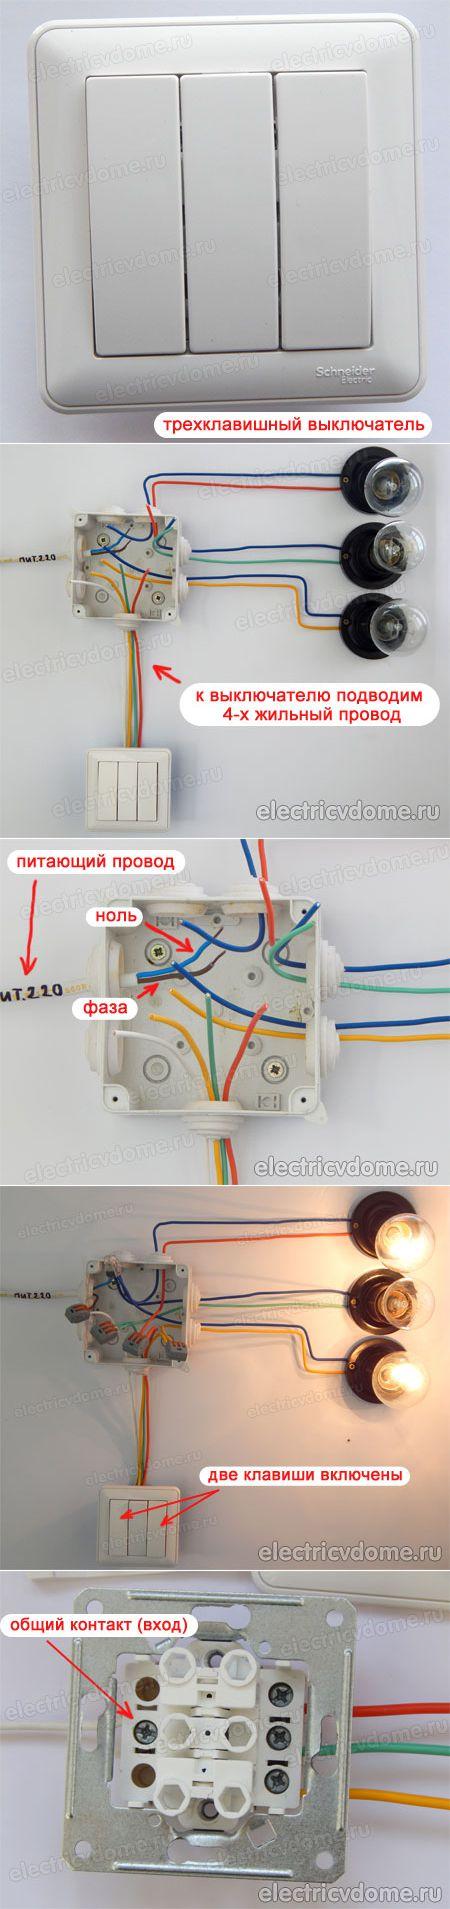 Как подключить выключатель с тремя клавишами: инструкция по самостоятельному монтажу